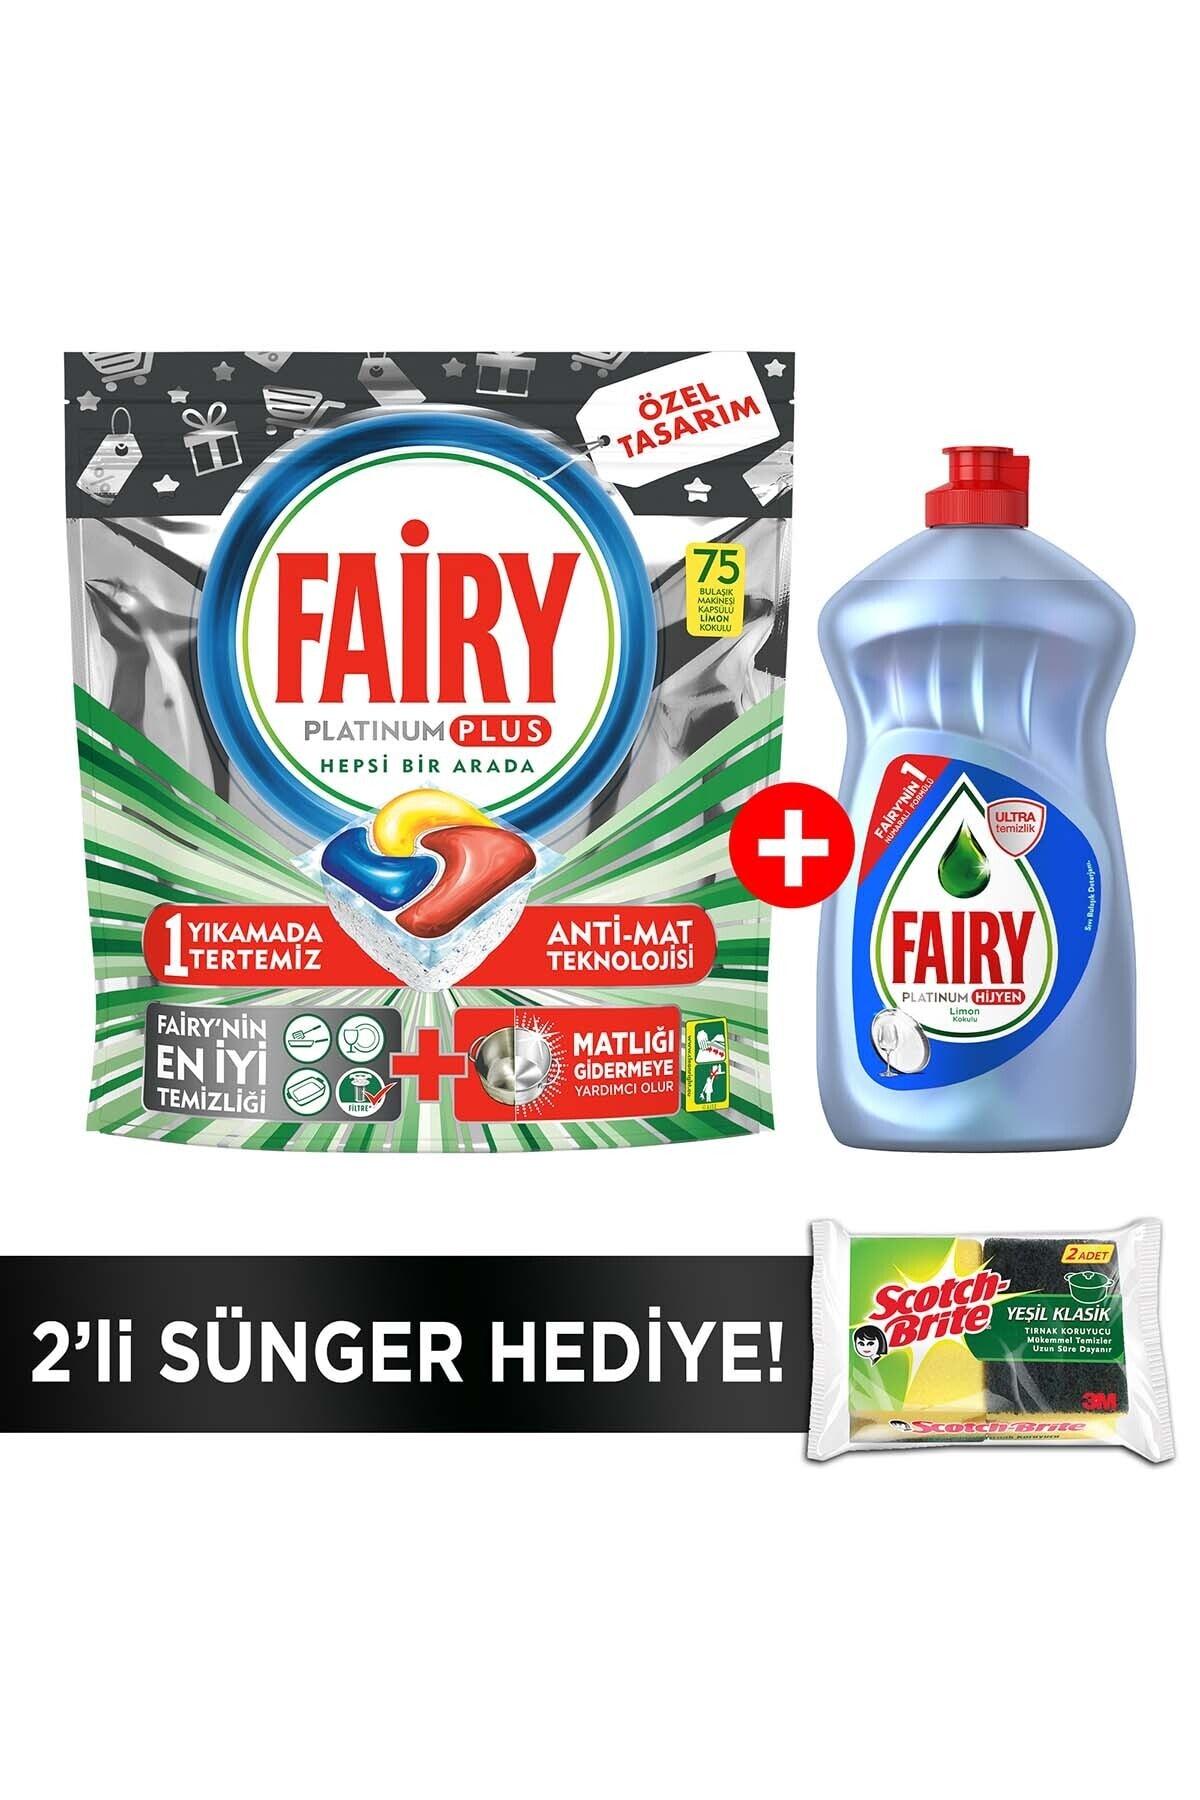 Fairy Platinum Plus 75 Yıkama Bulaşık Makinesi Kapsülü+500ml Sıvı Hijyen+sünger 1